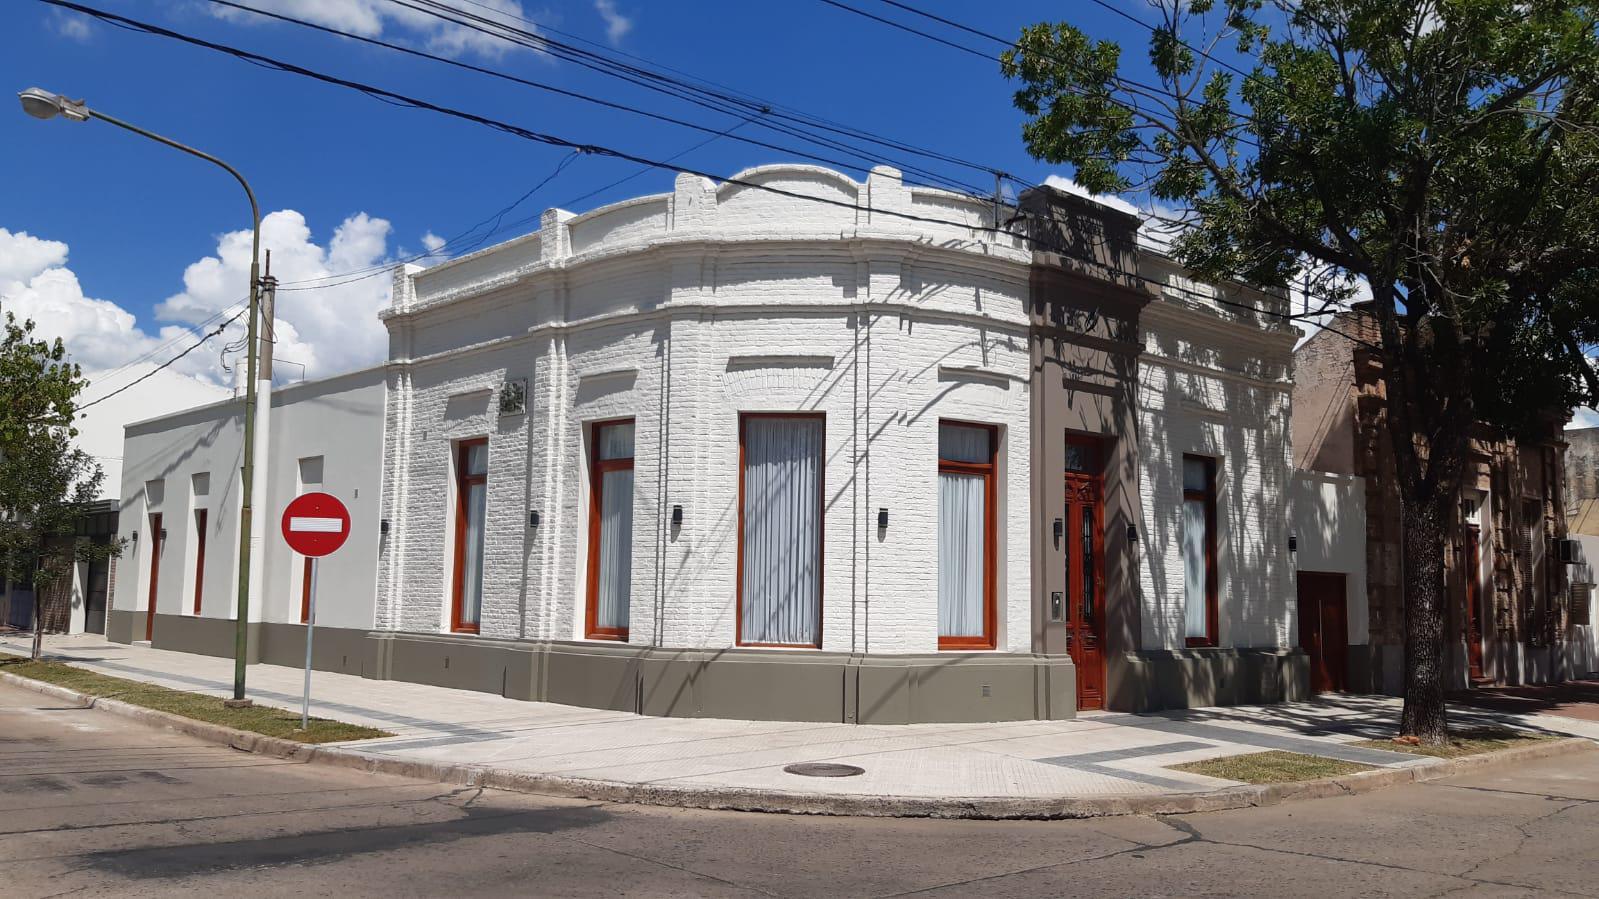 San Lorenzo esq Garibaldi - Gaggiotti Inmobiliaria cuenta con más de 50 años desde que se inicio en el negocio de los servicios inmobiliarios.